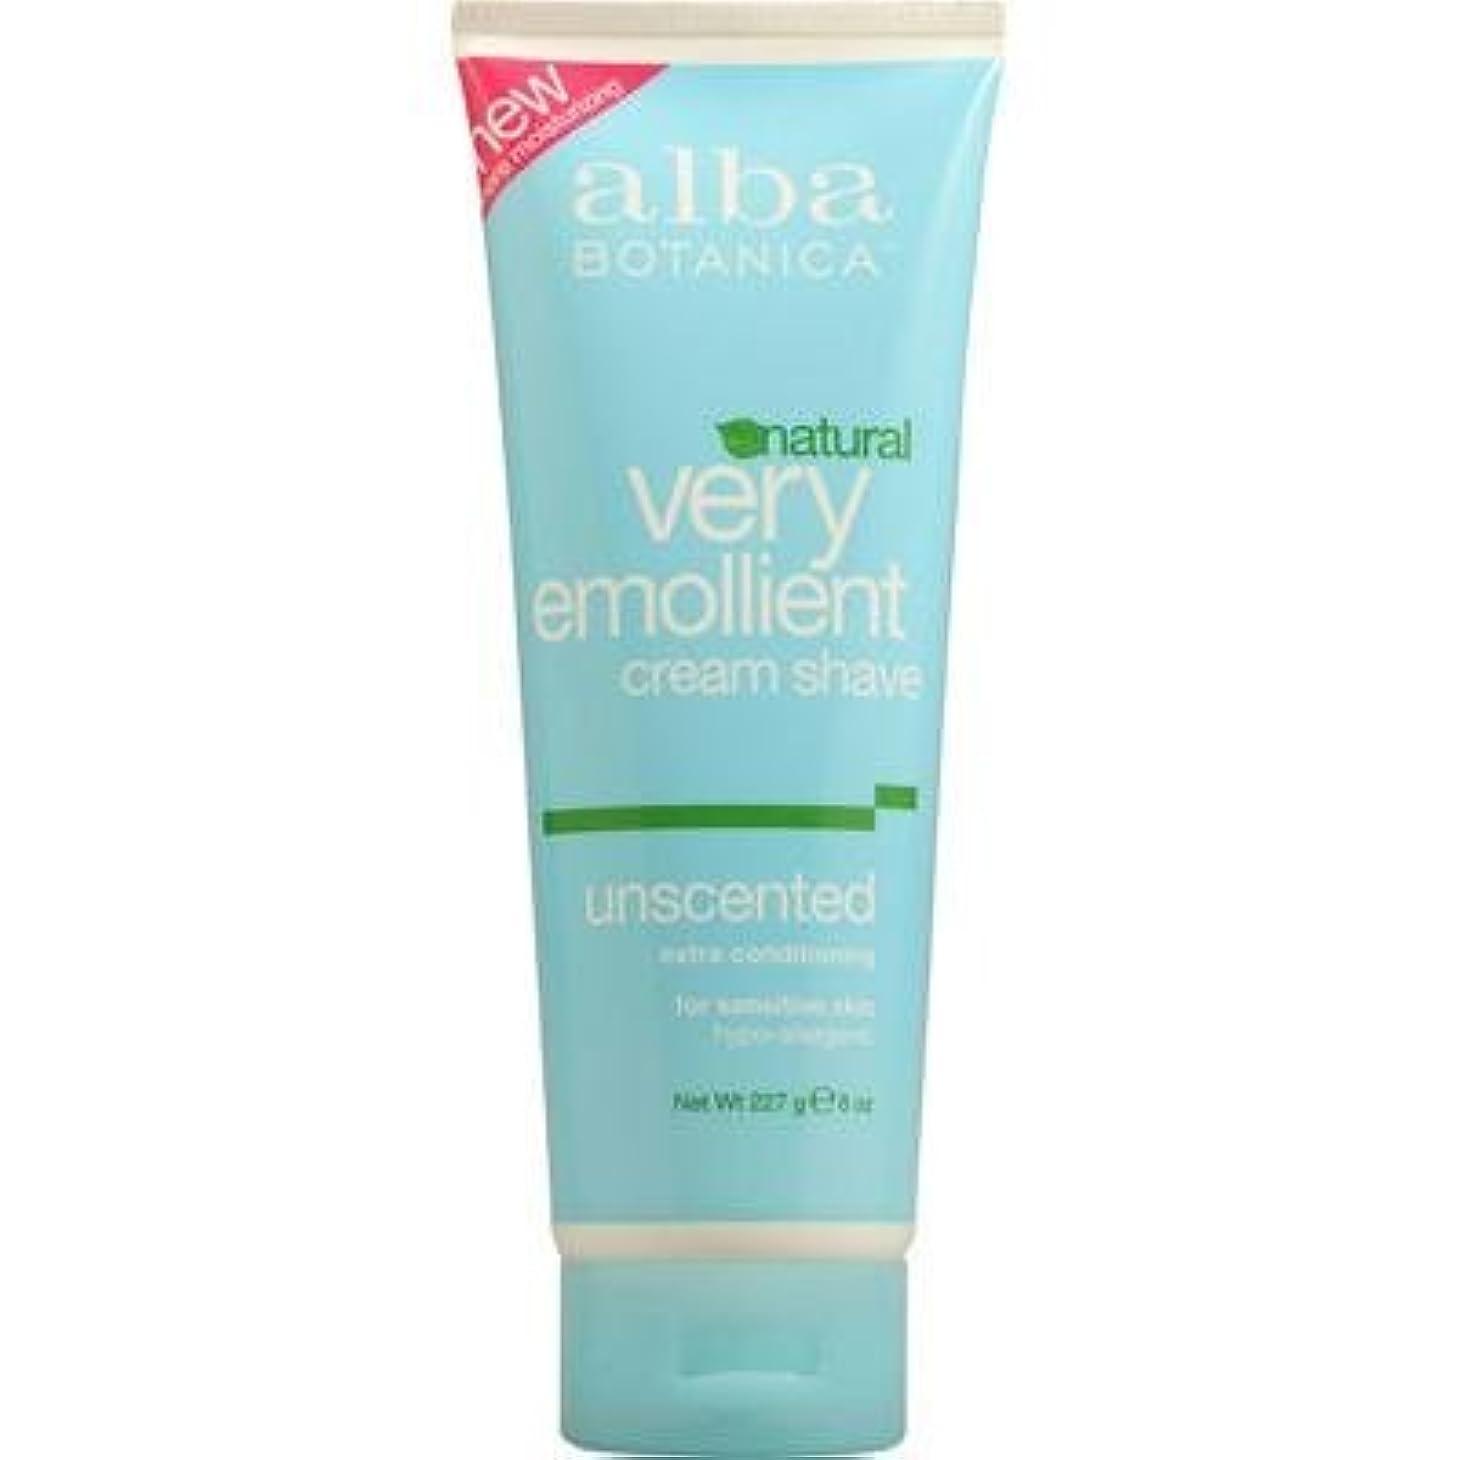 行政メドレー家主Alba Botanica: Very Emollient Cream Shave Unscented 8 oz (3 pack) [並行輸入品]